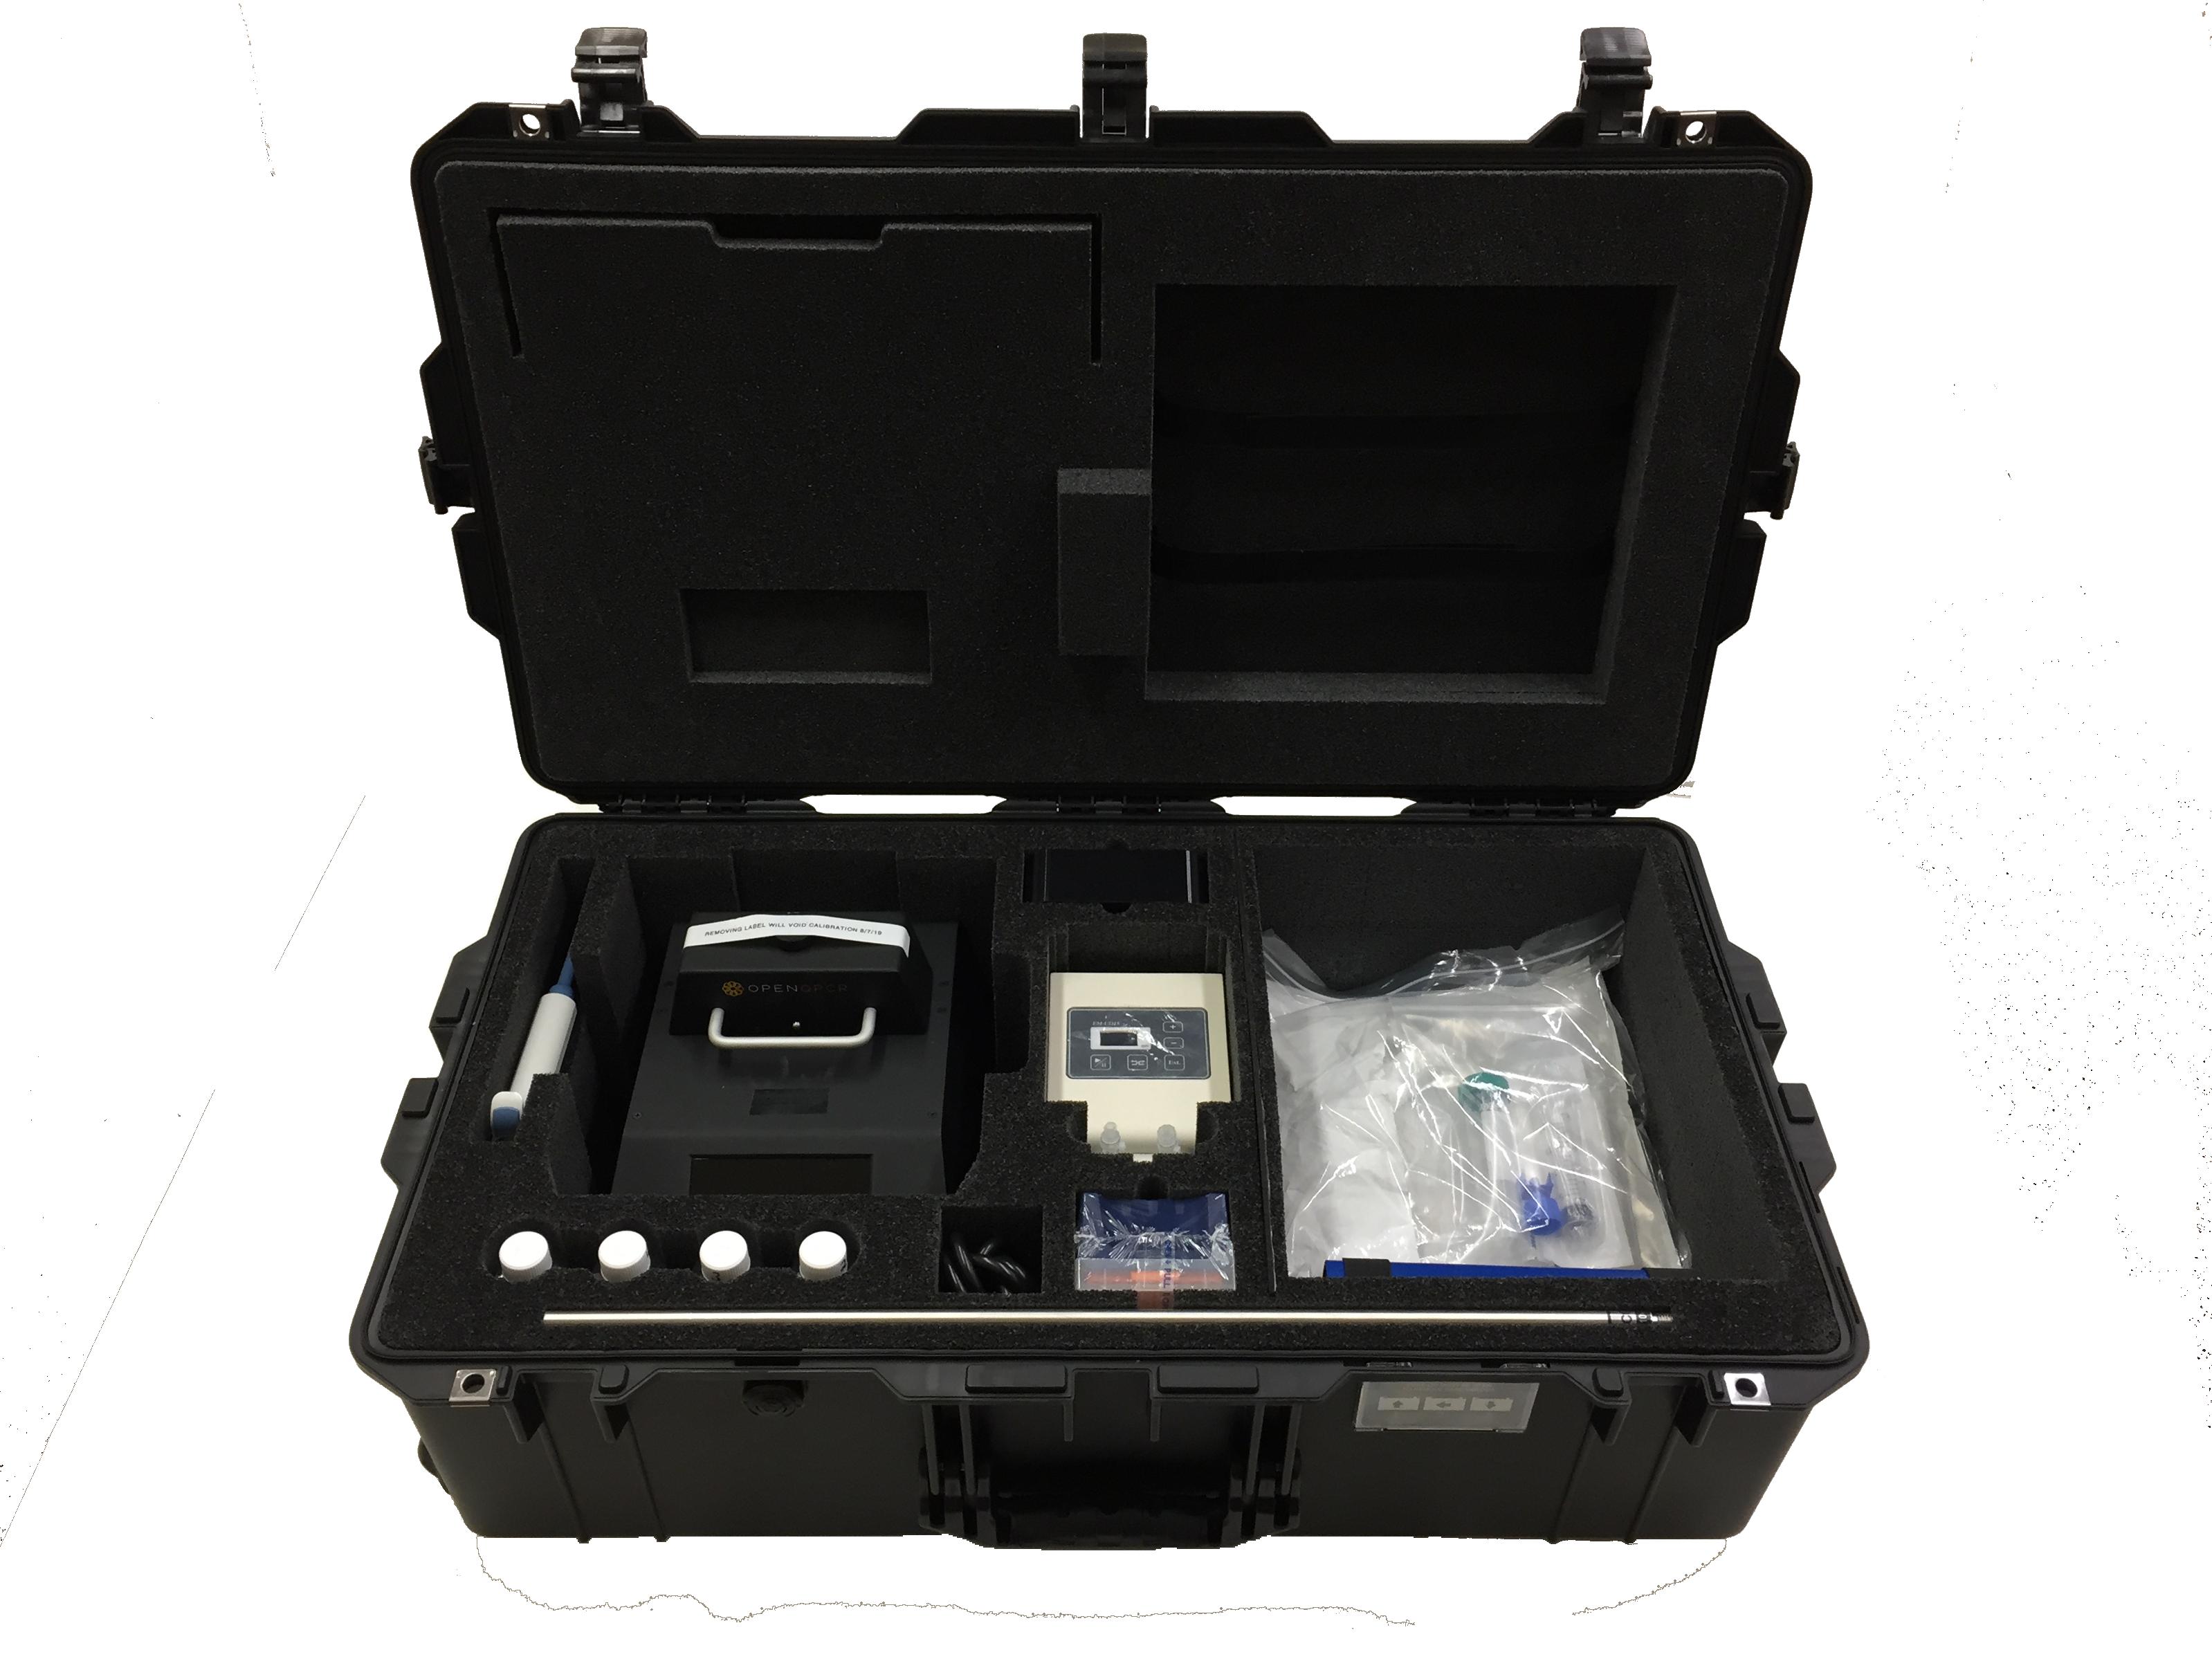 Custom Travel Case for Equipment – Foam Inserts – FUSH Cases